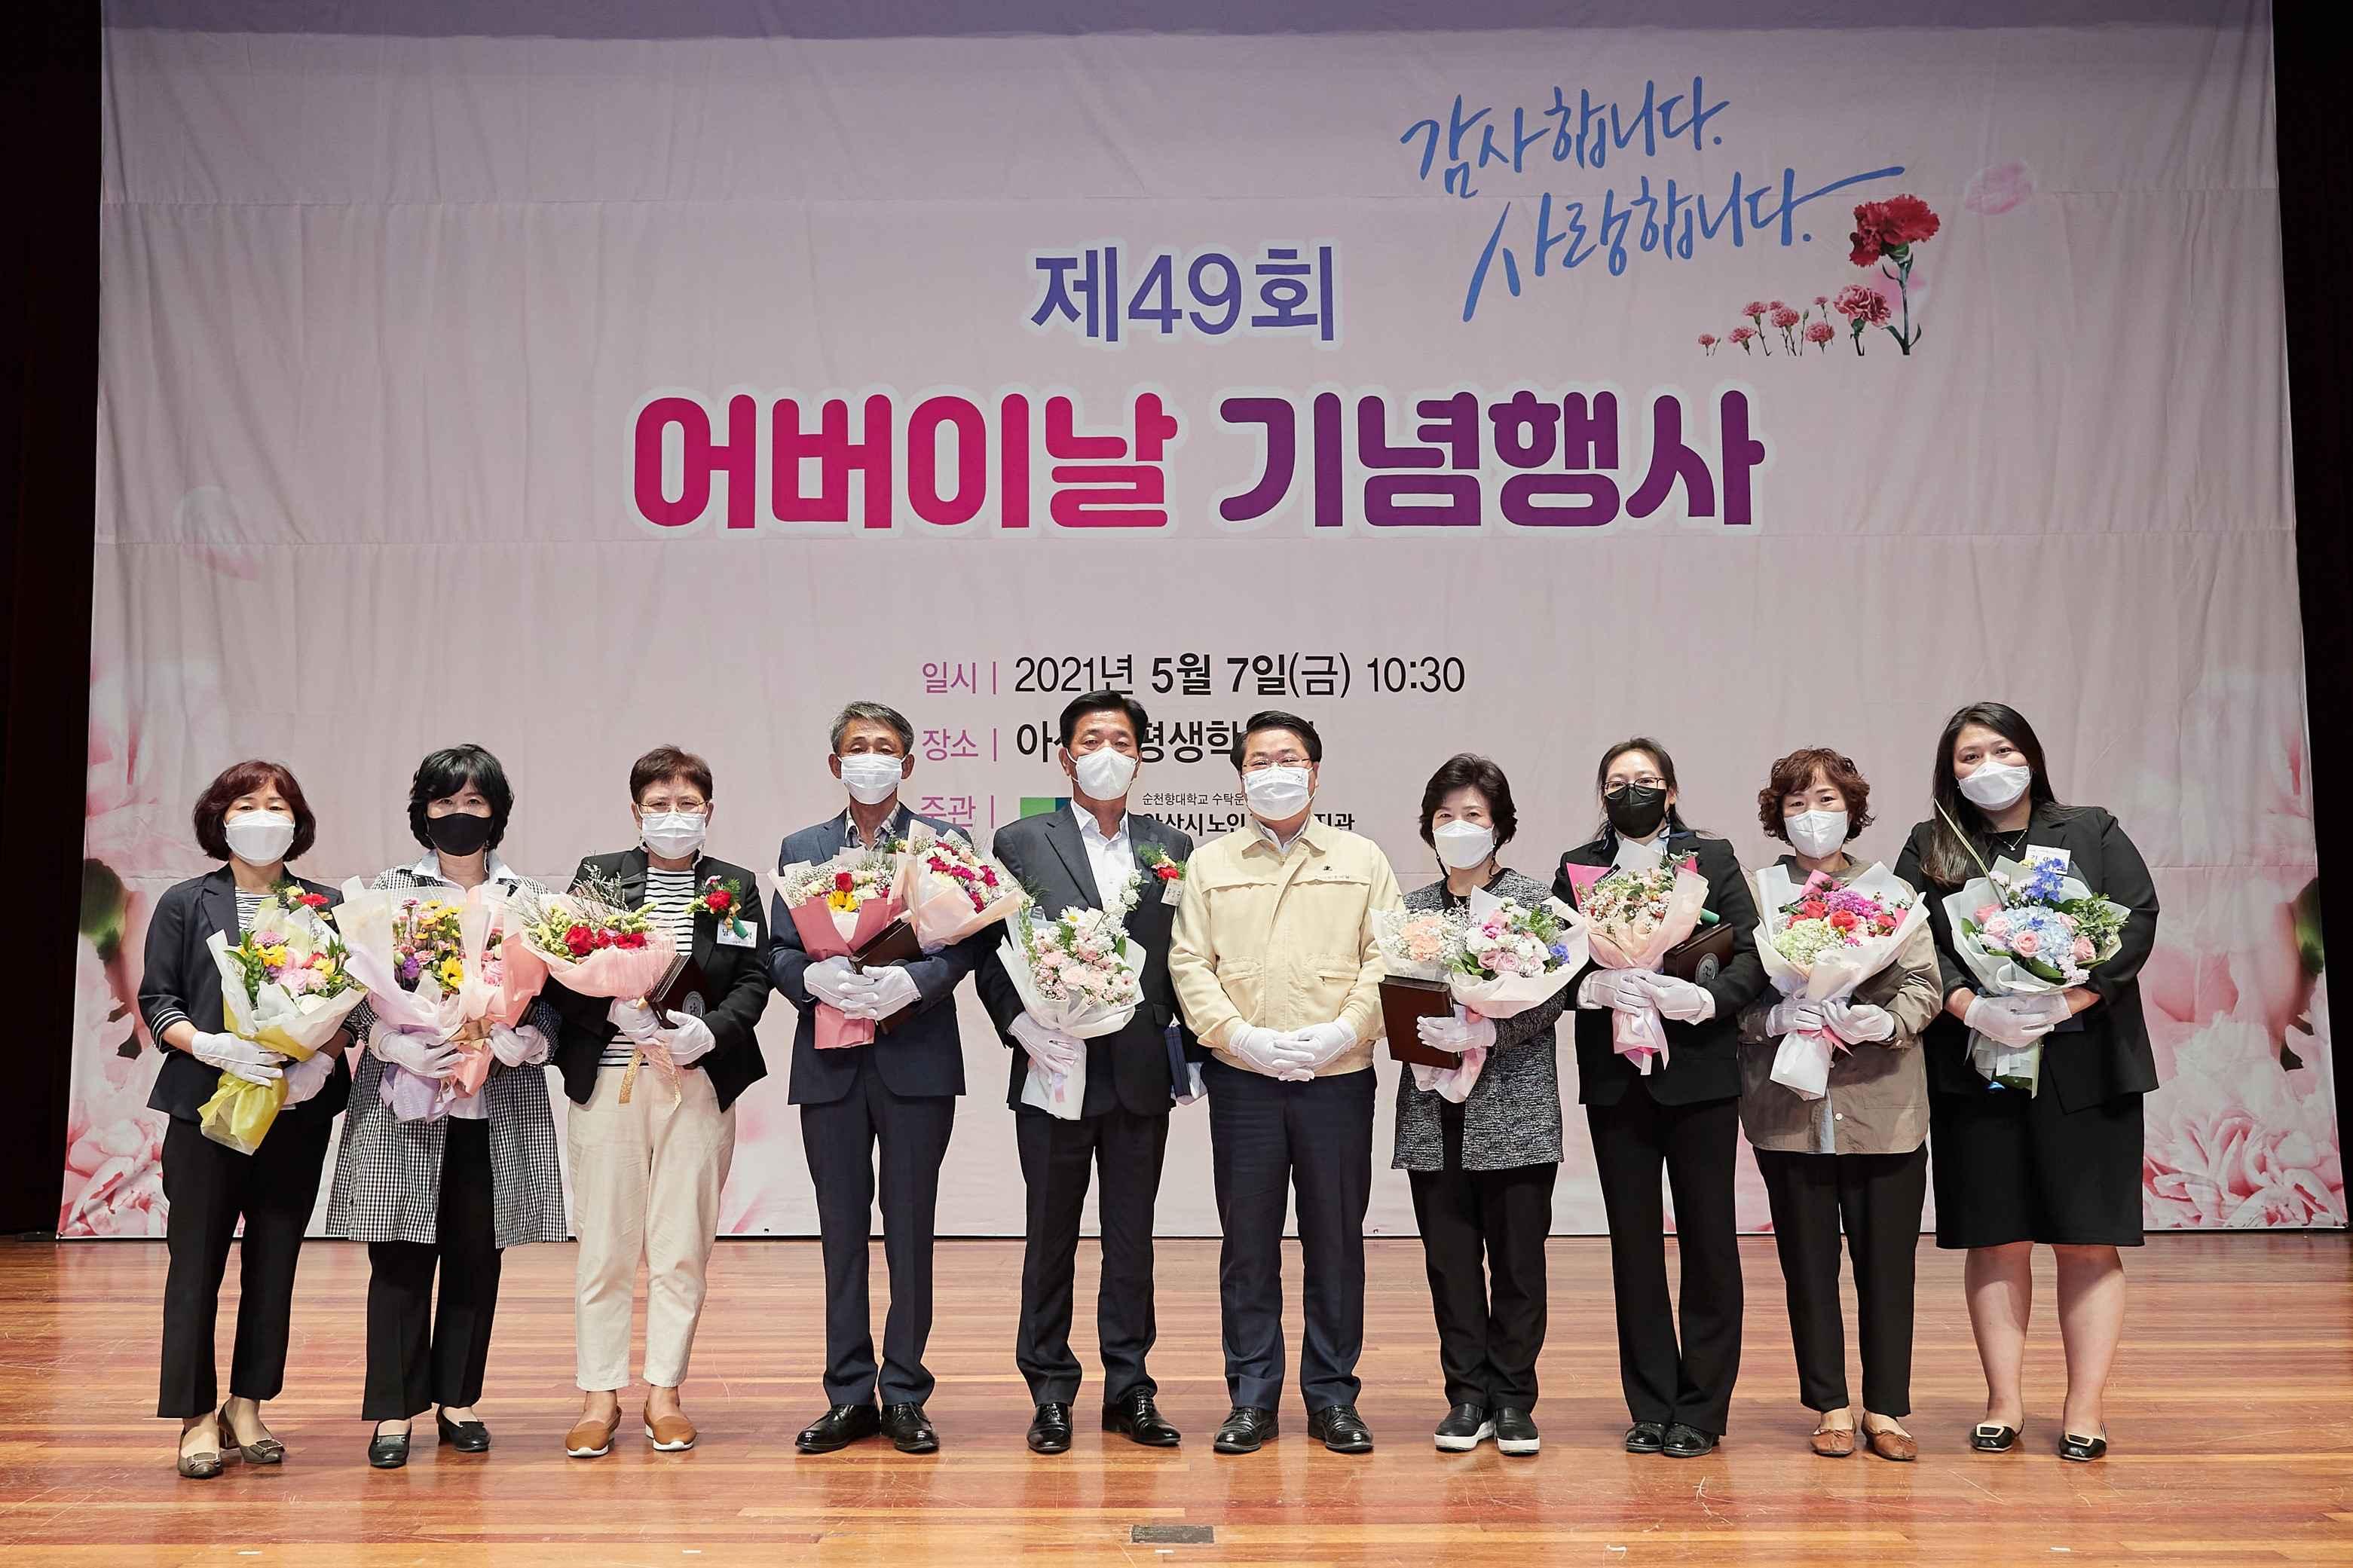 아산시, 제49회 어버이날 기념행사 개최 관련사진